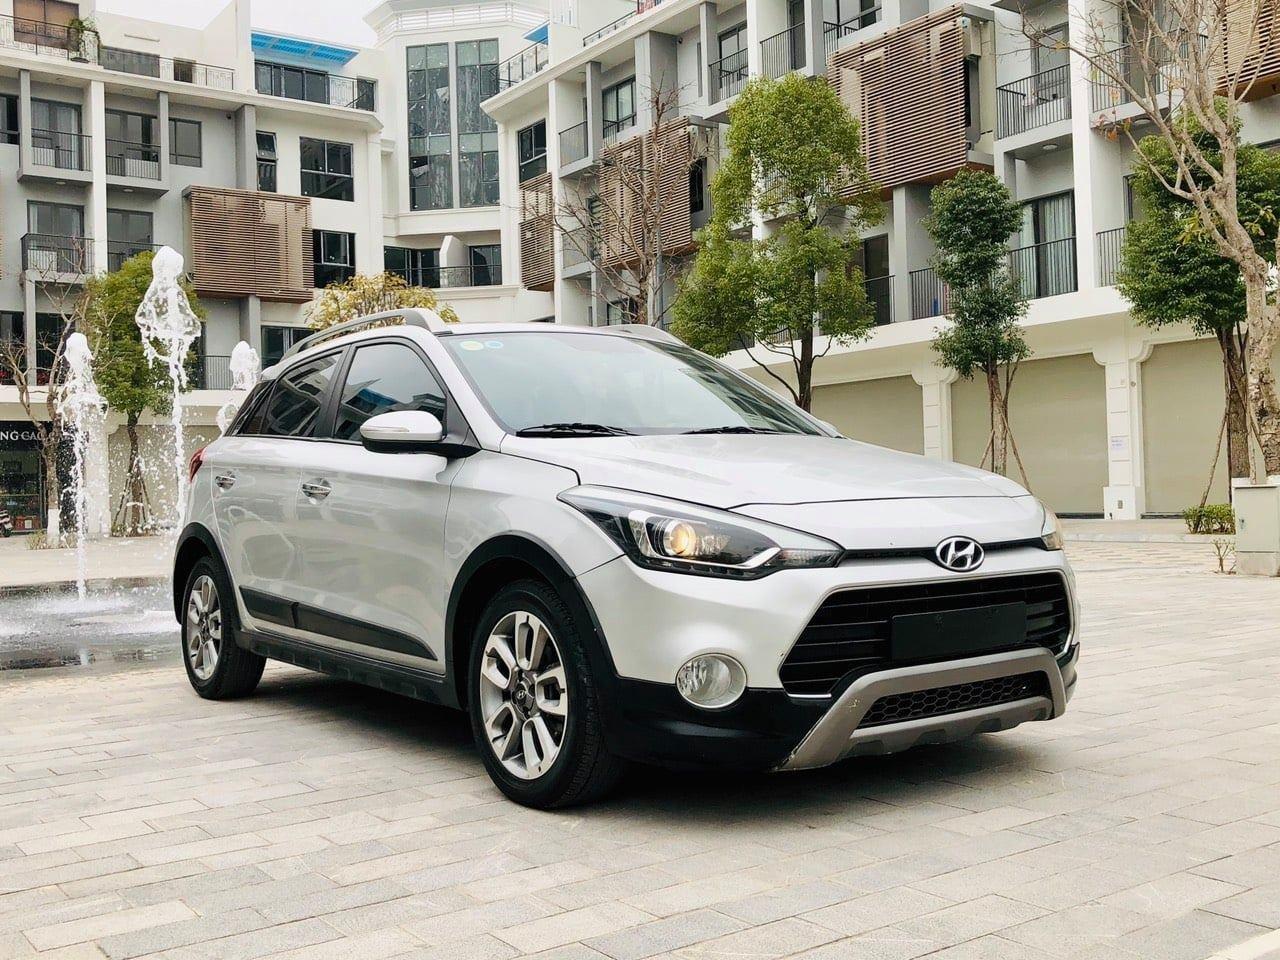 Bán xe Hyundai i20 Active năm sản xuất 2015, màu bạc, xe nhập khẩu, chạy cực ổn định (2)